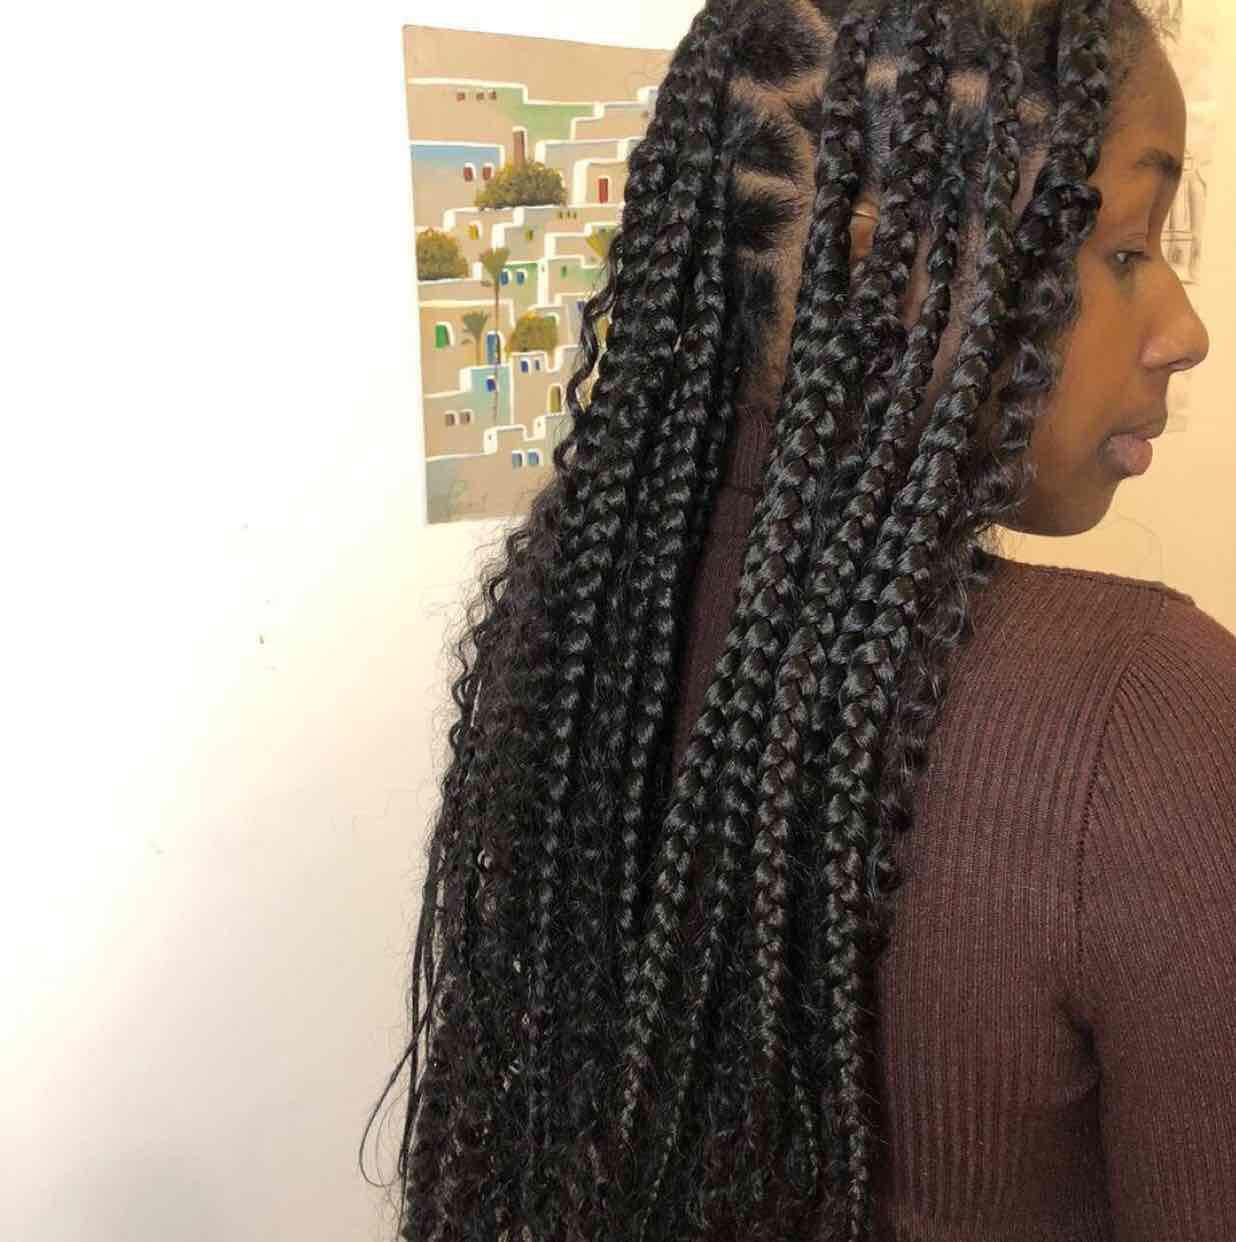 salon de coiffure afro tresse tresses box braids crochet braids vanilles tissages paris 75 77 78 91 92 93 94 95 OEKZNUKY